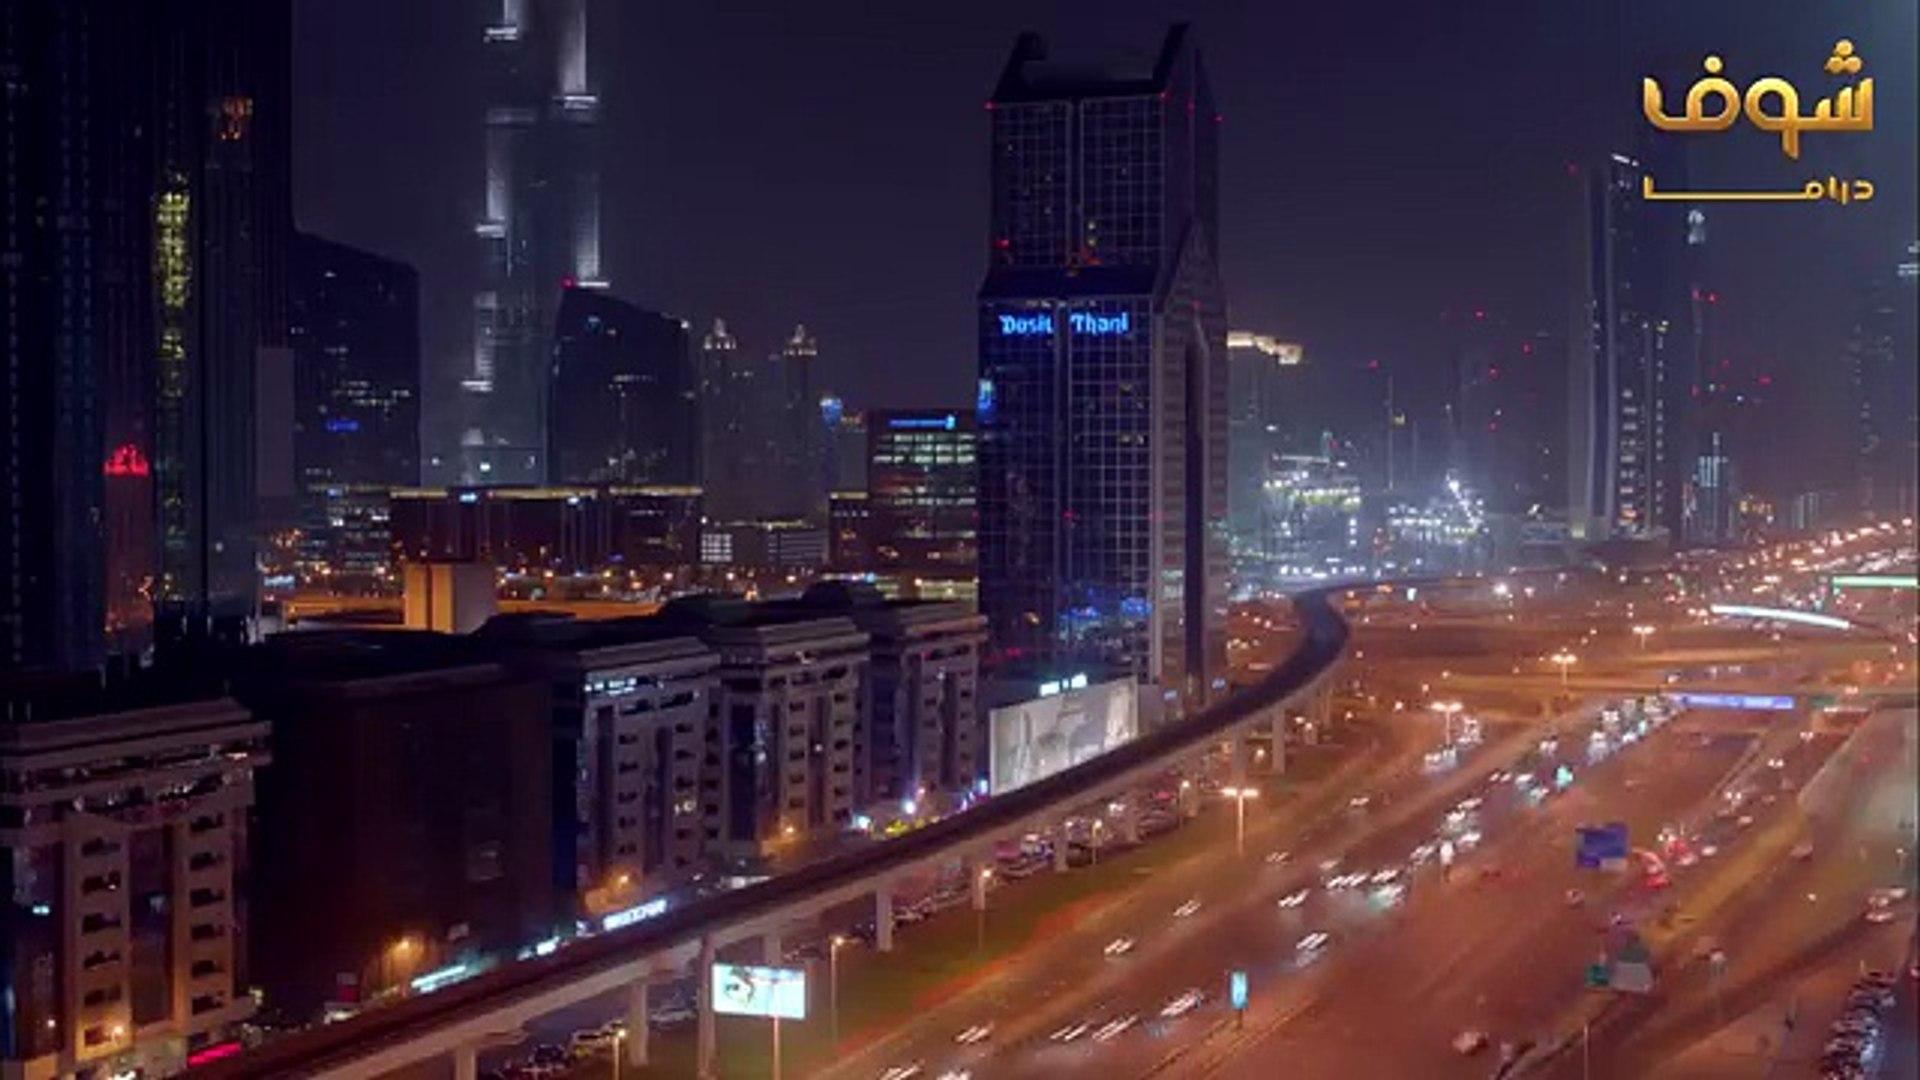 مسلسل دبي لندن دبي الحلقة 13 الثالثة عشر  HD - Dubai London Dubai Ep13